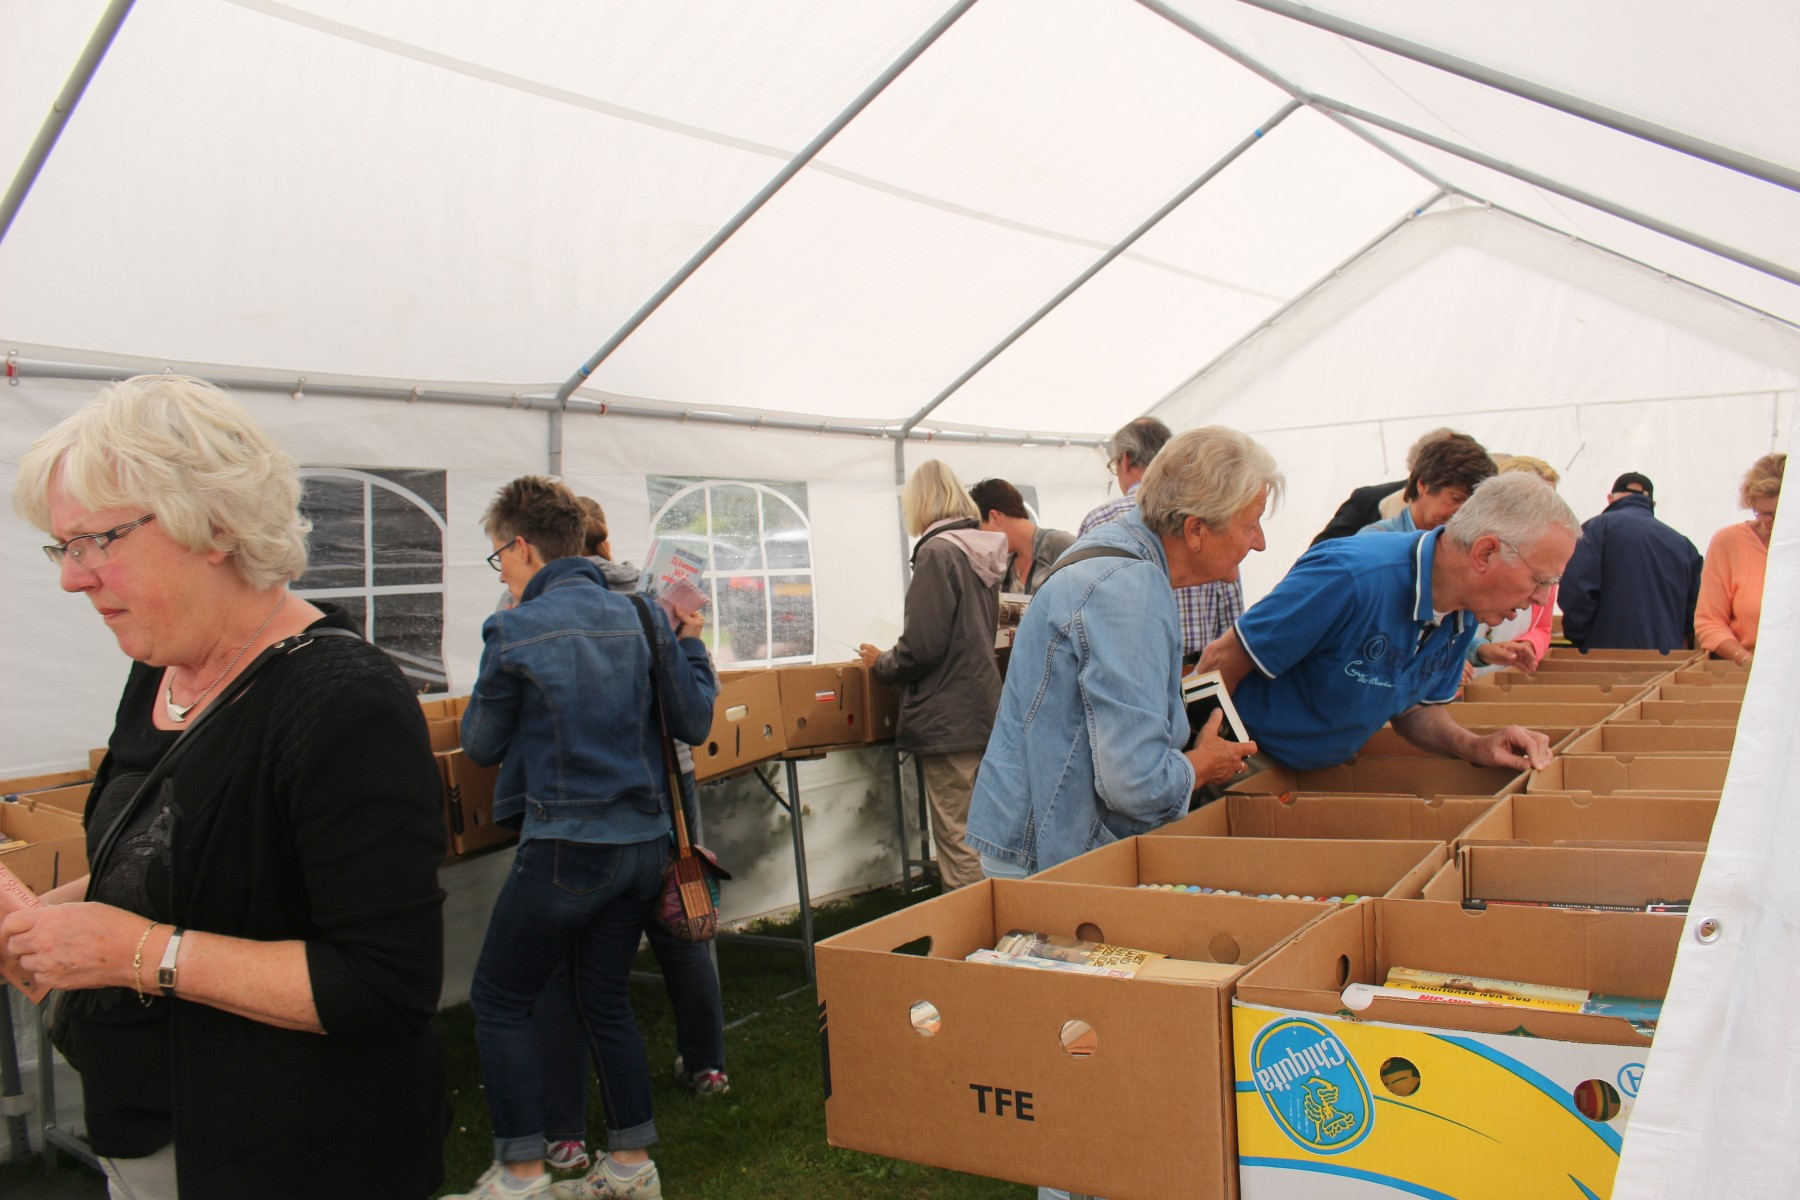 boekenmarkt molen 2016 006a OE (Custom)